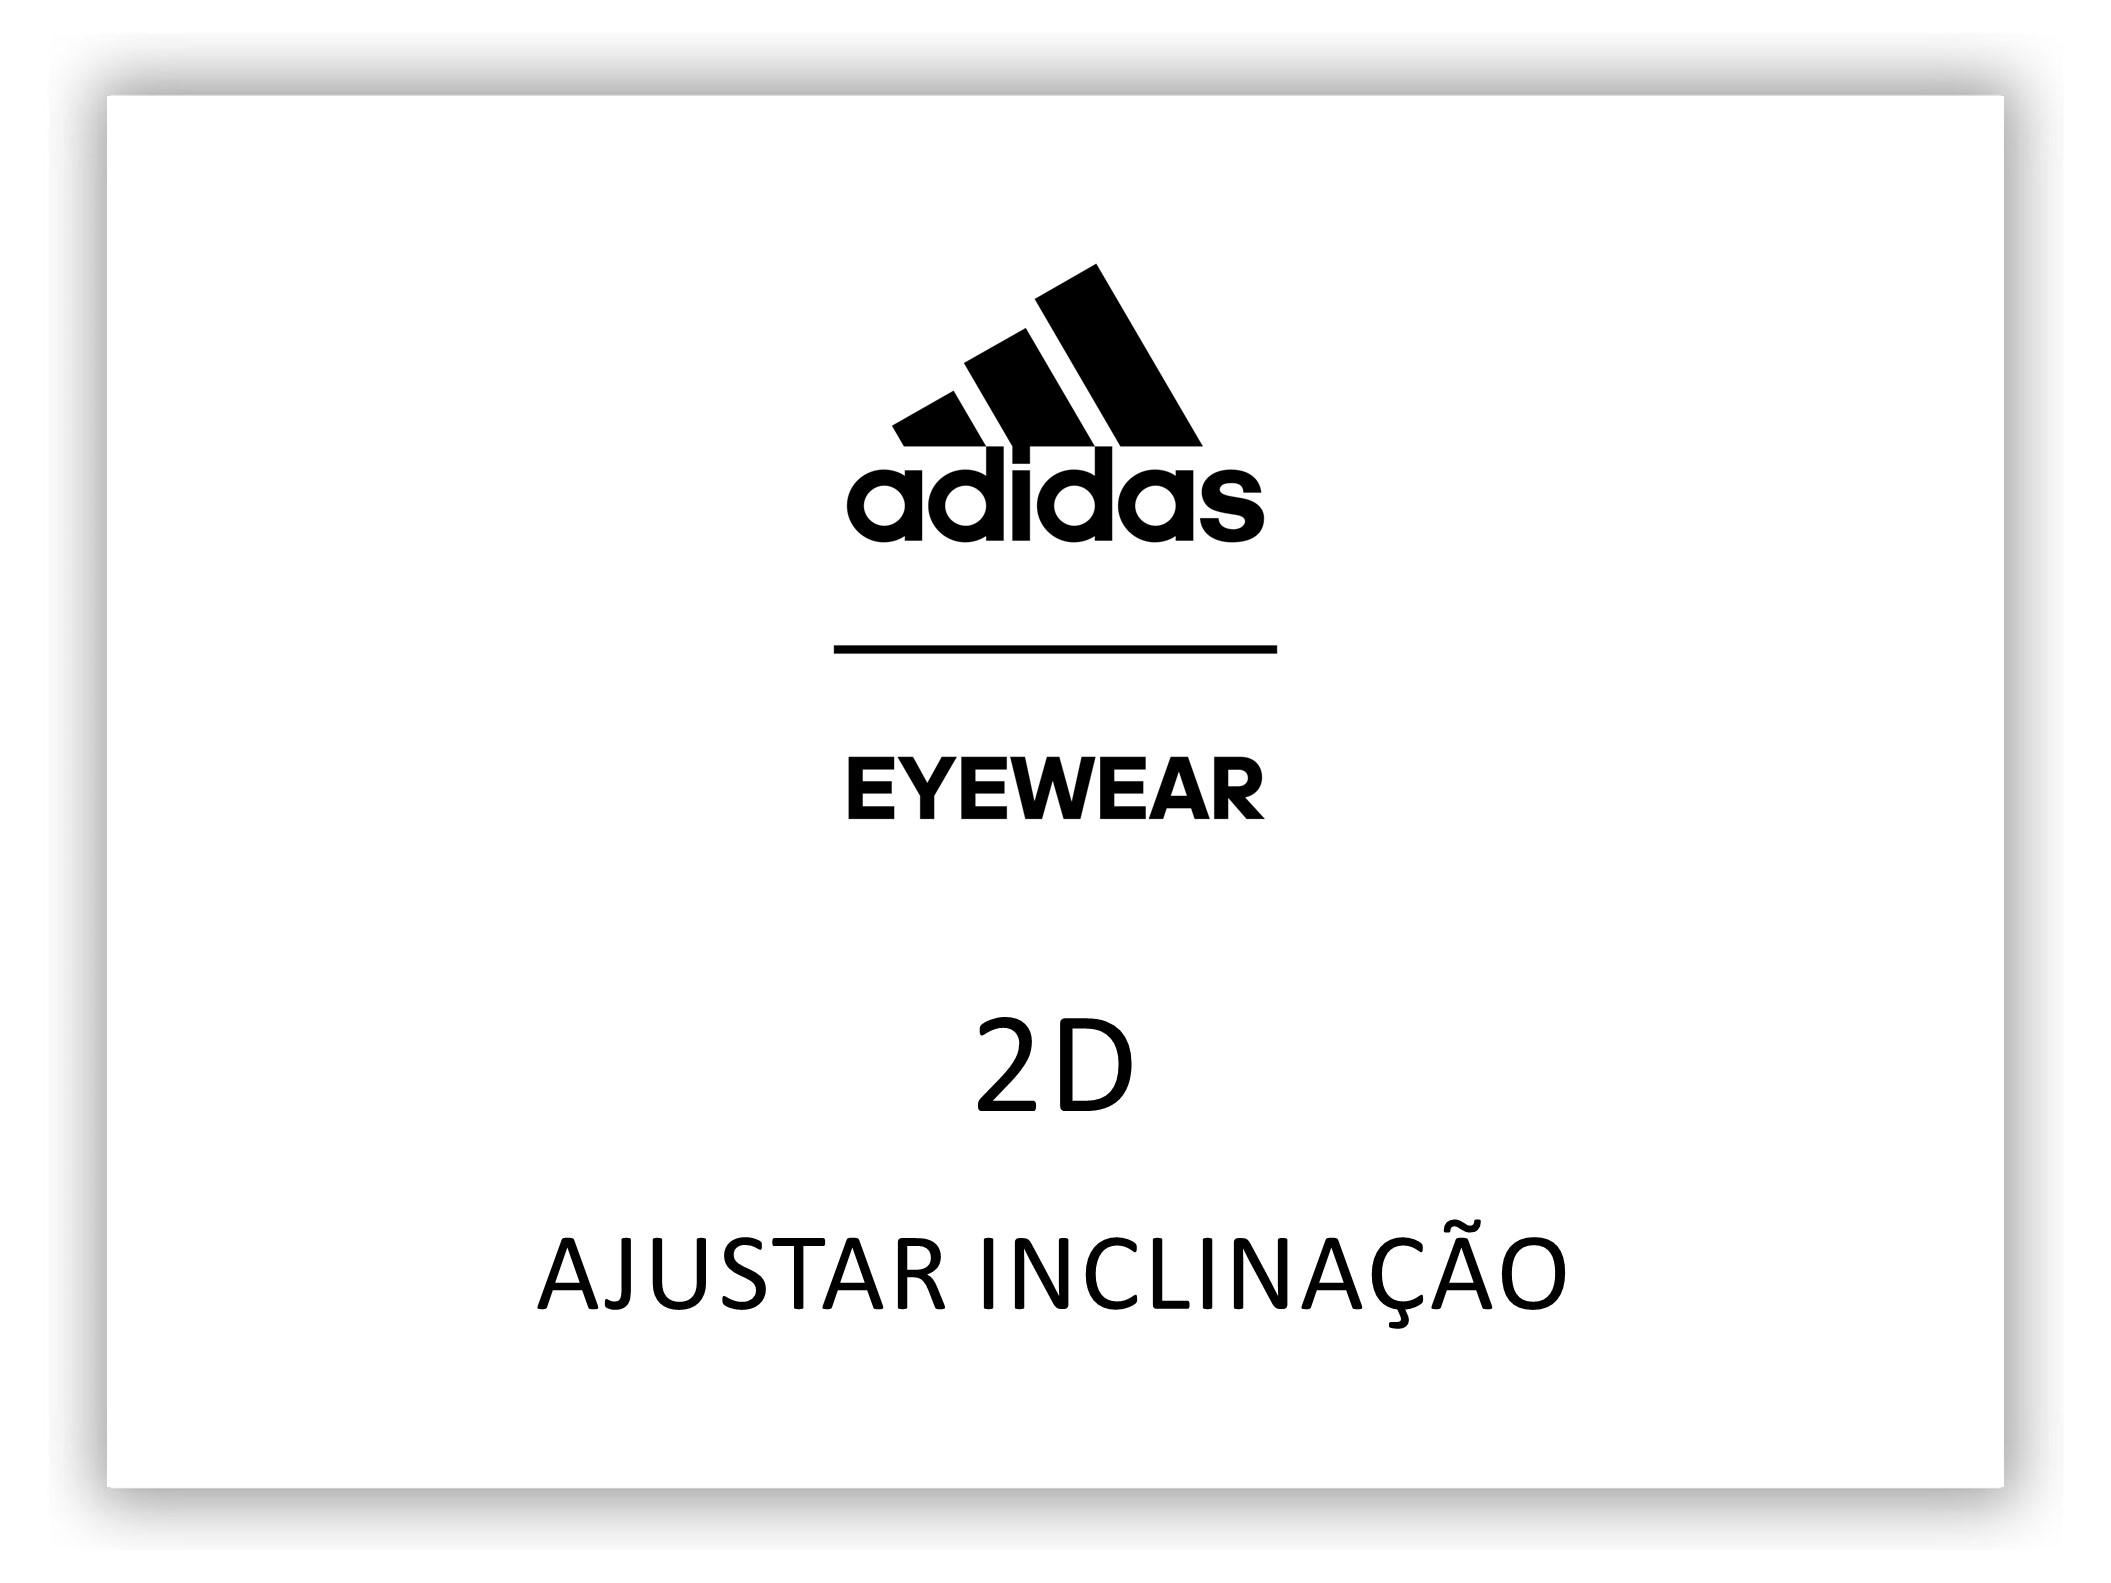 Adidas_capa-2d-INCL